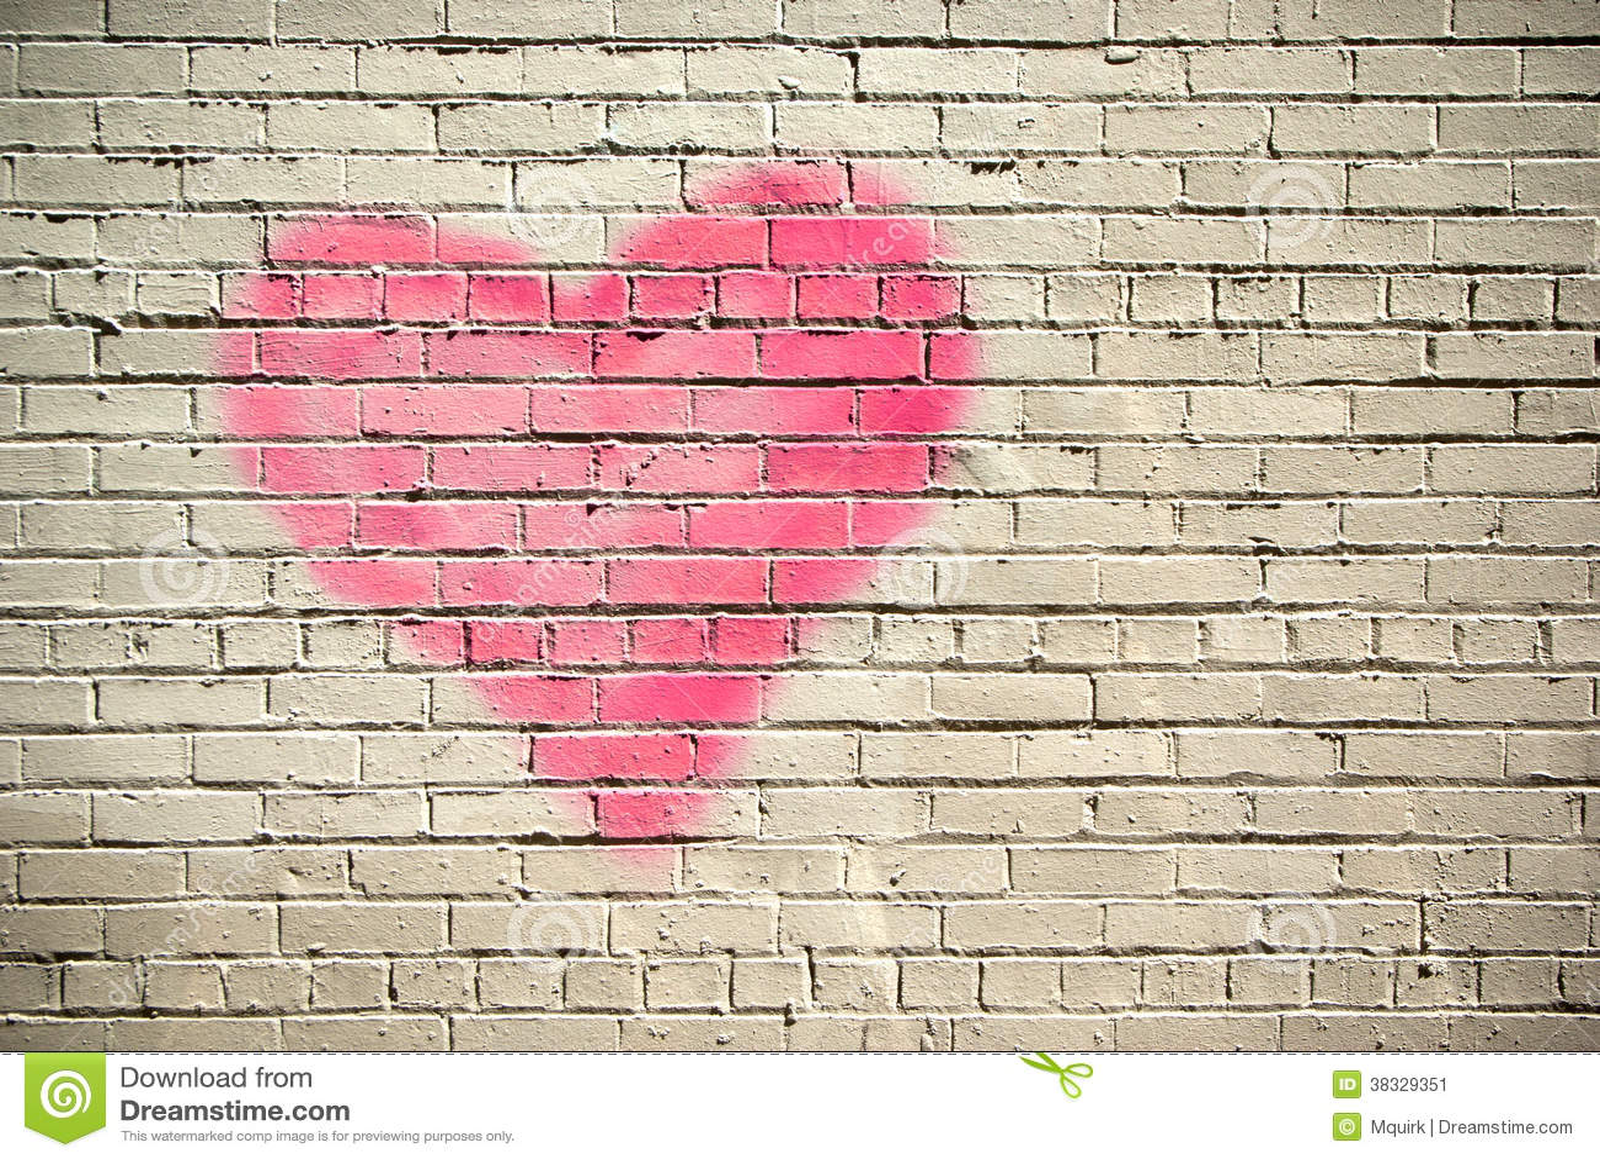 Corazón en una pared de ladrillo